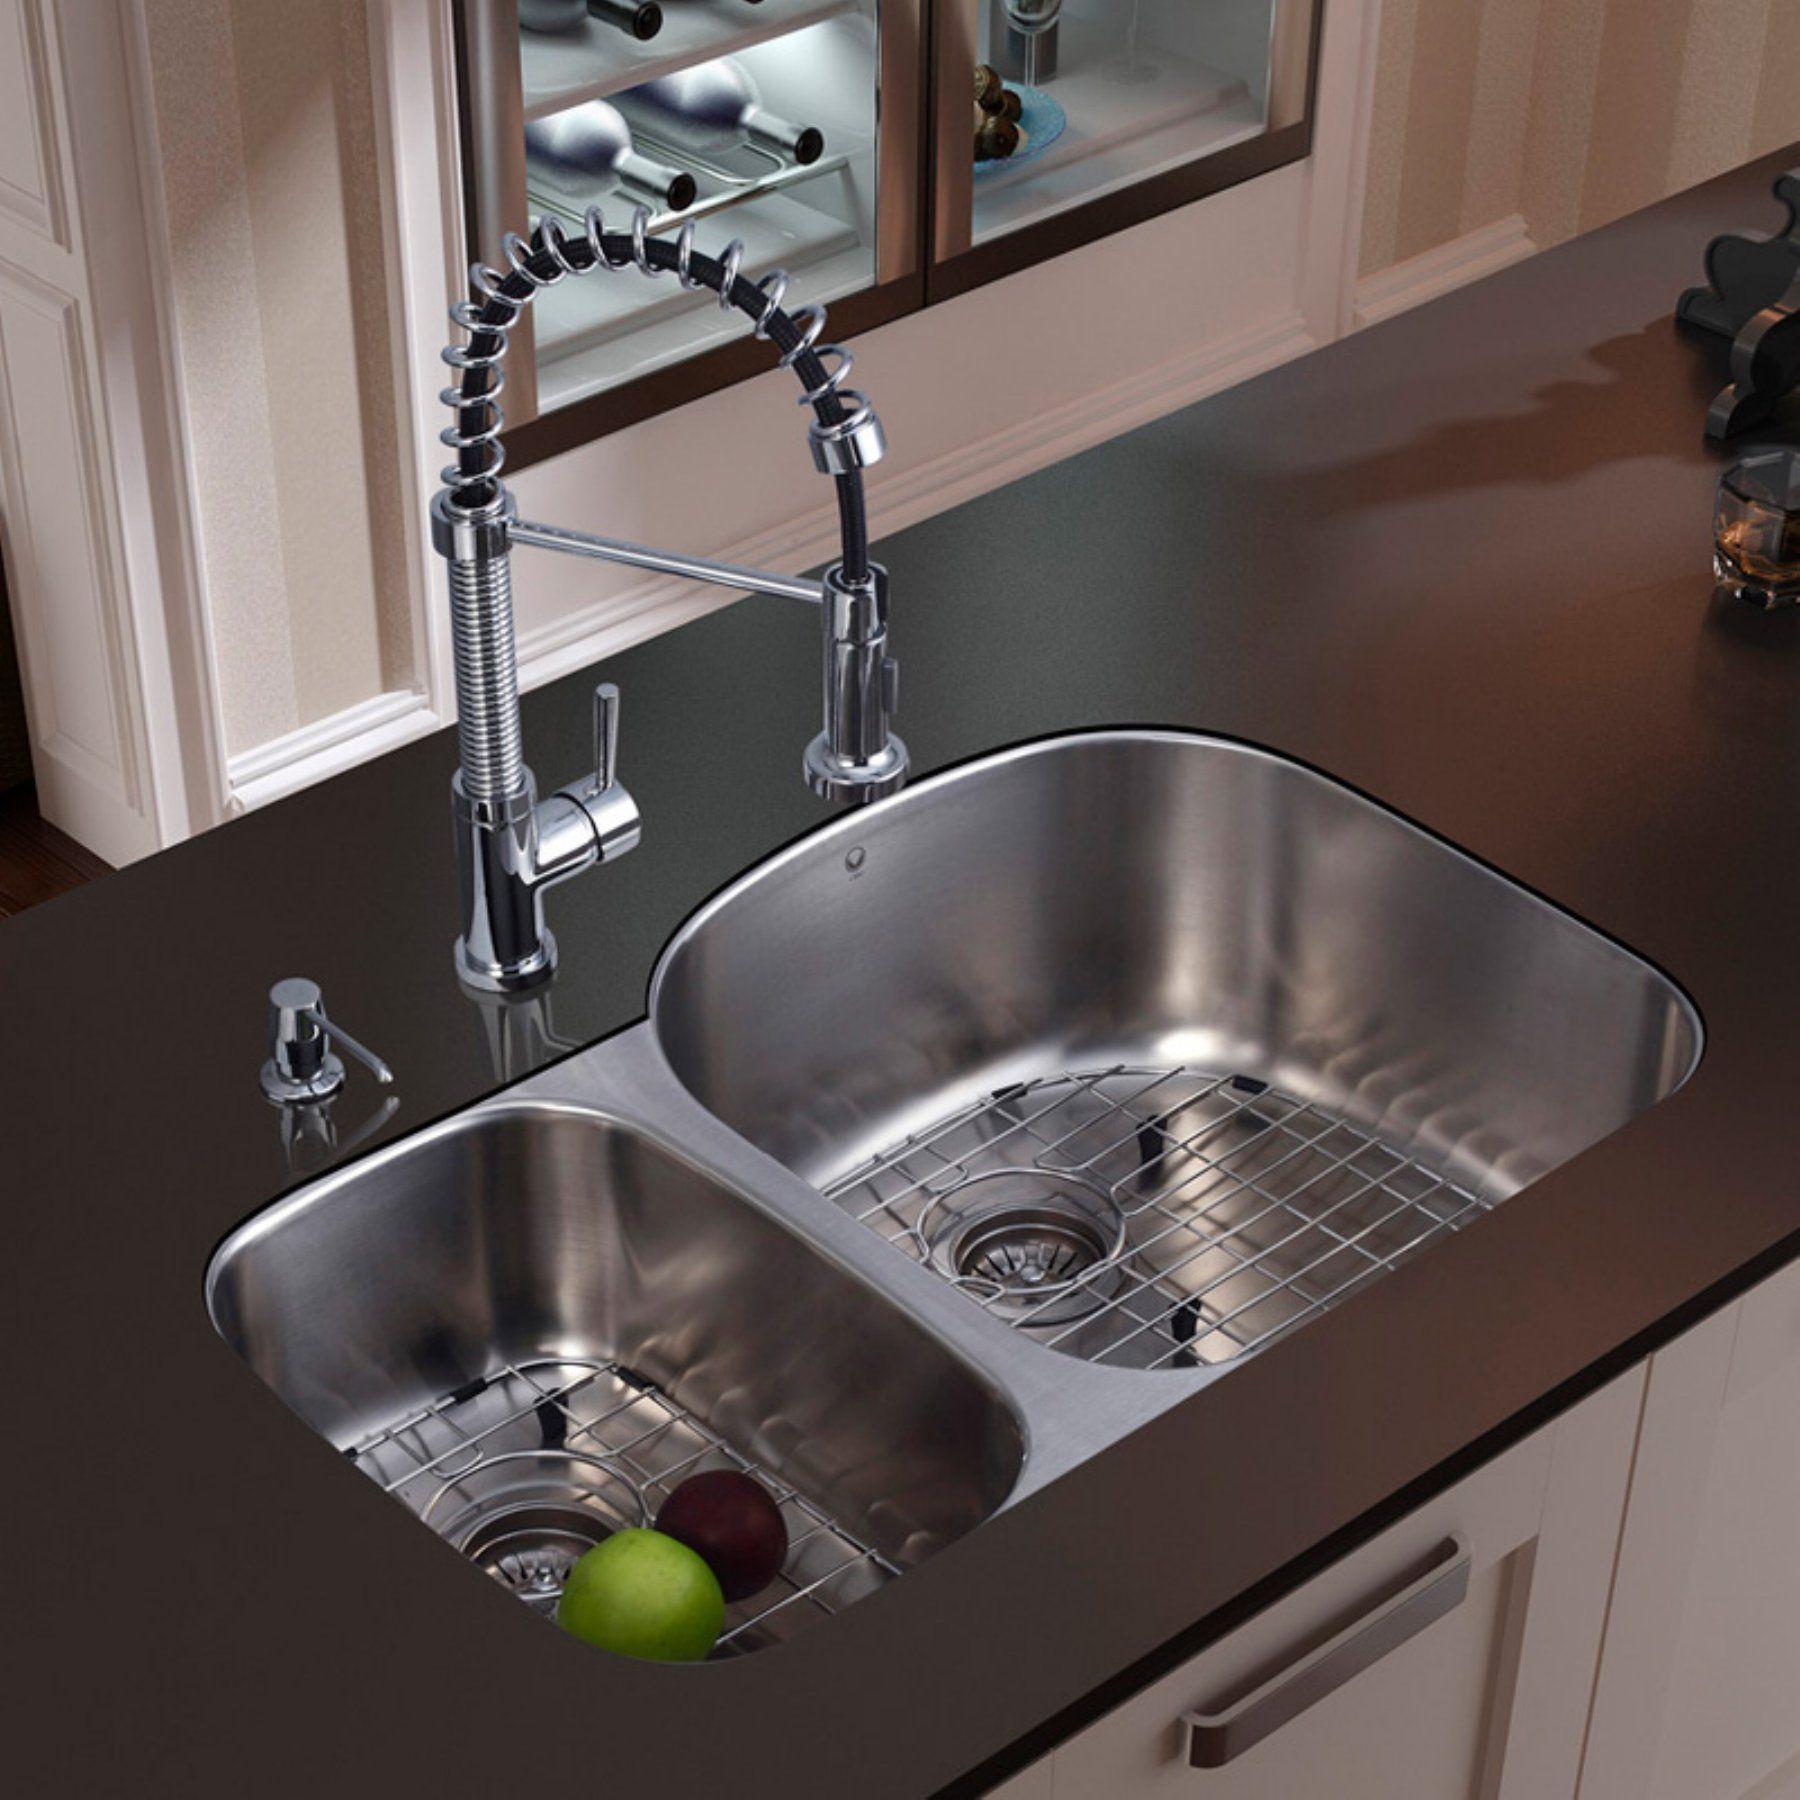 Vigo Platinum VG Double Basin Undermount Kitchen Sink and